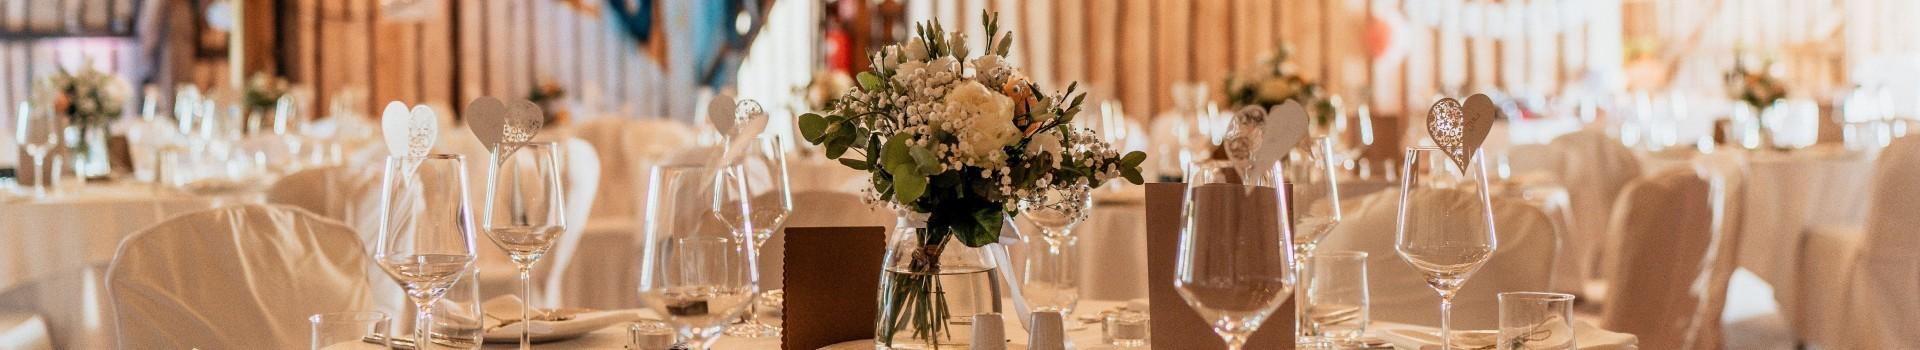 Hochzeitsfeier EVENTSCHEUNE Wallenburg